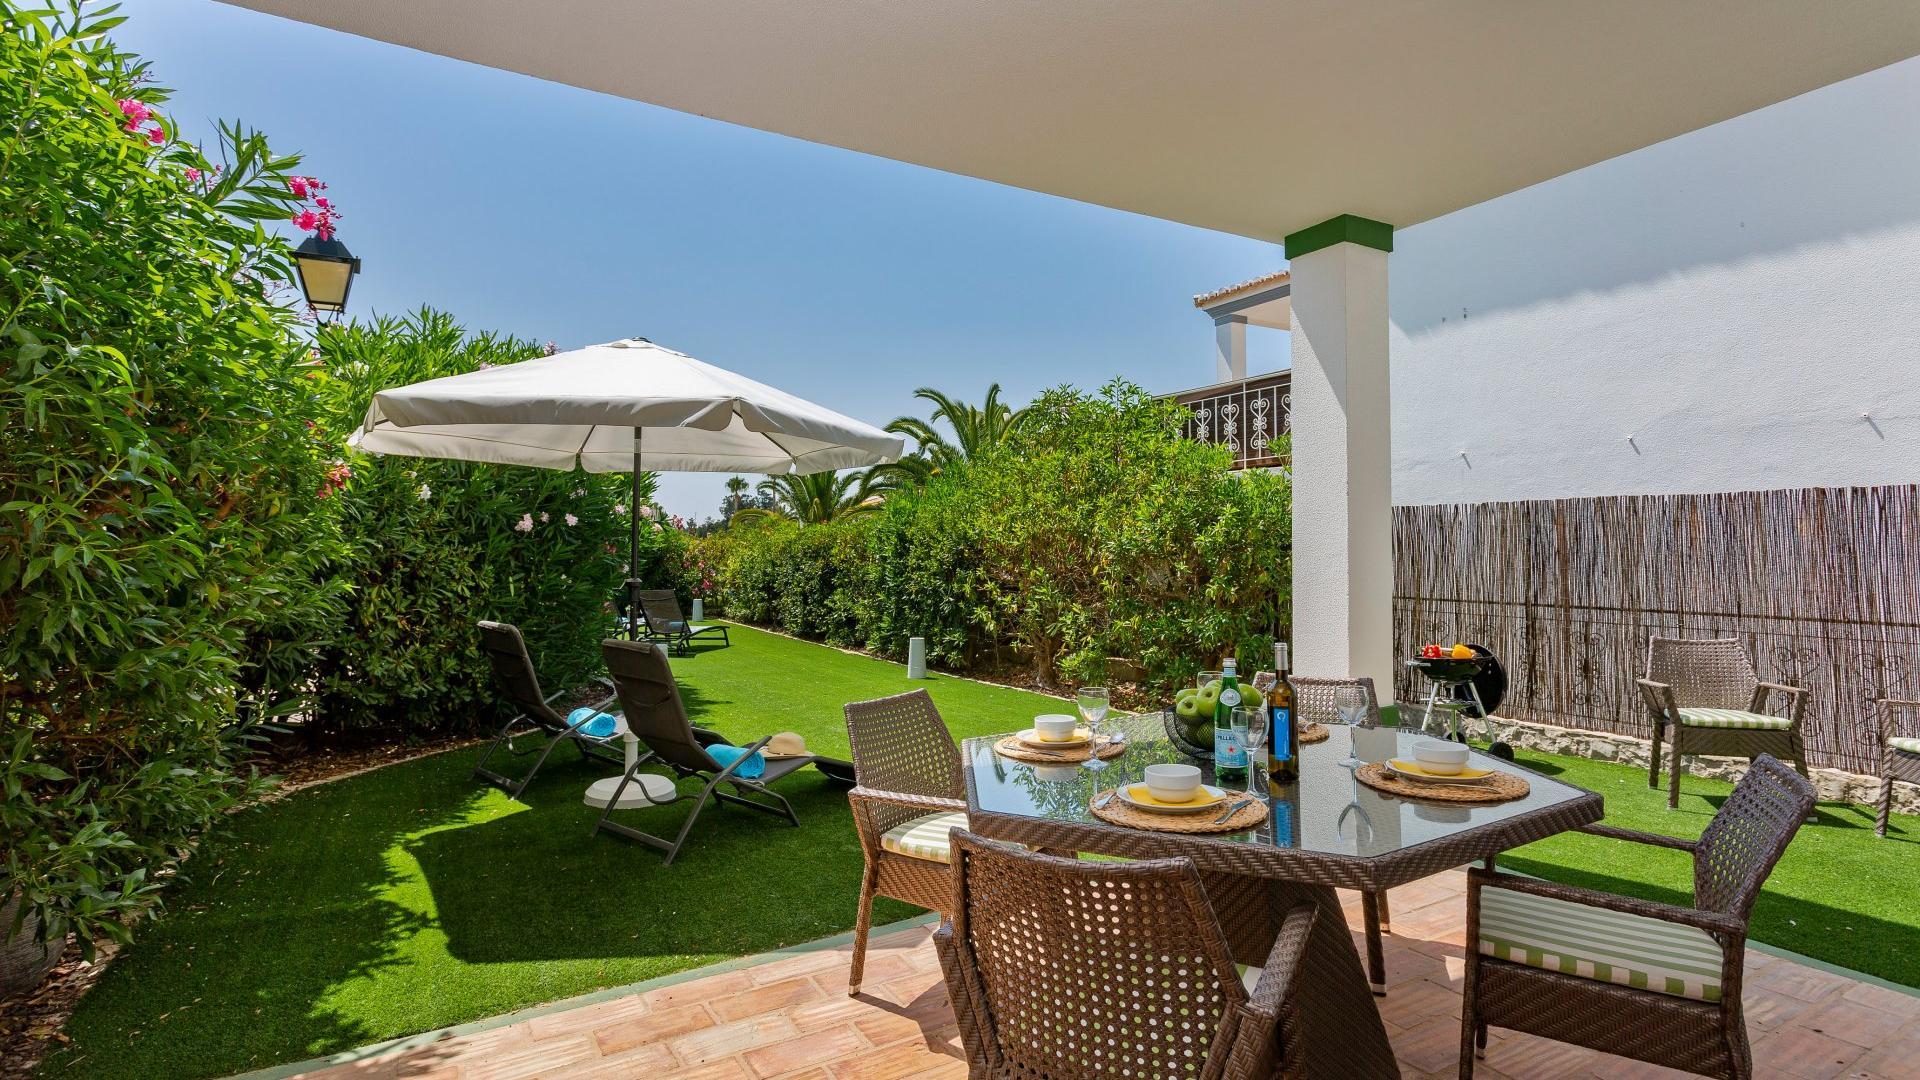 Casa Divina - Encosta do Lago, Quinta do Lago, Algarve - Casa_Divina_Outdoors_1_1.jpg